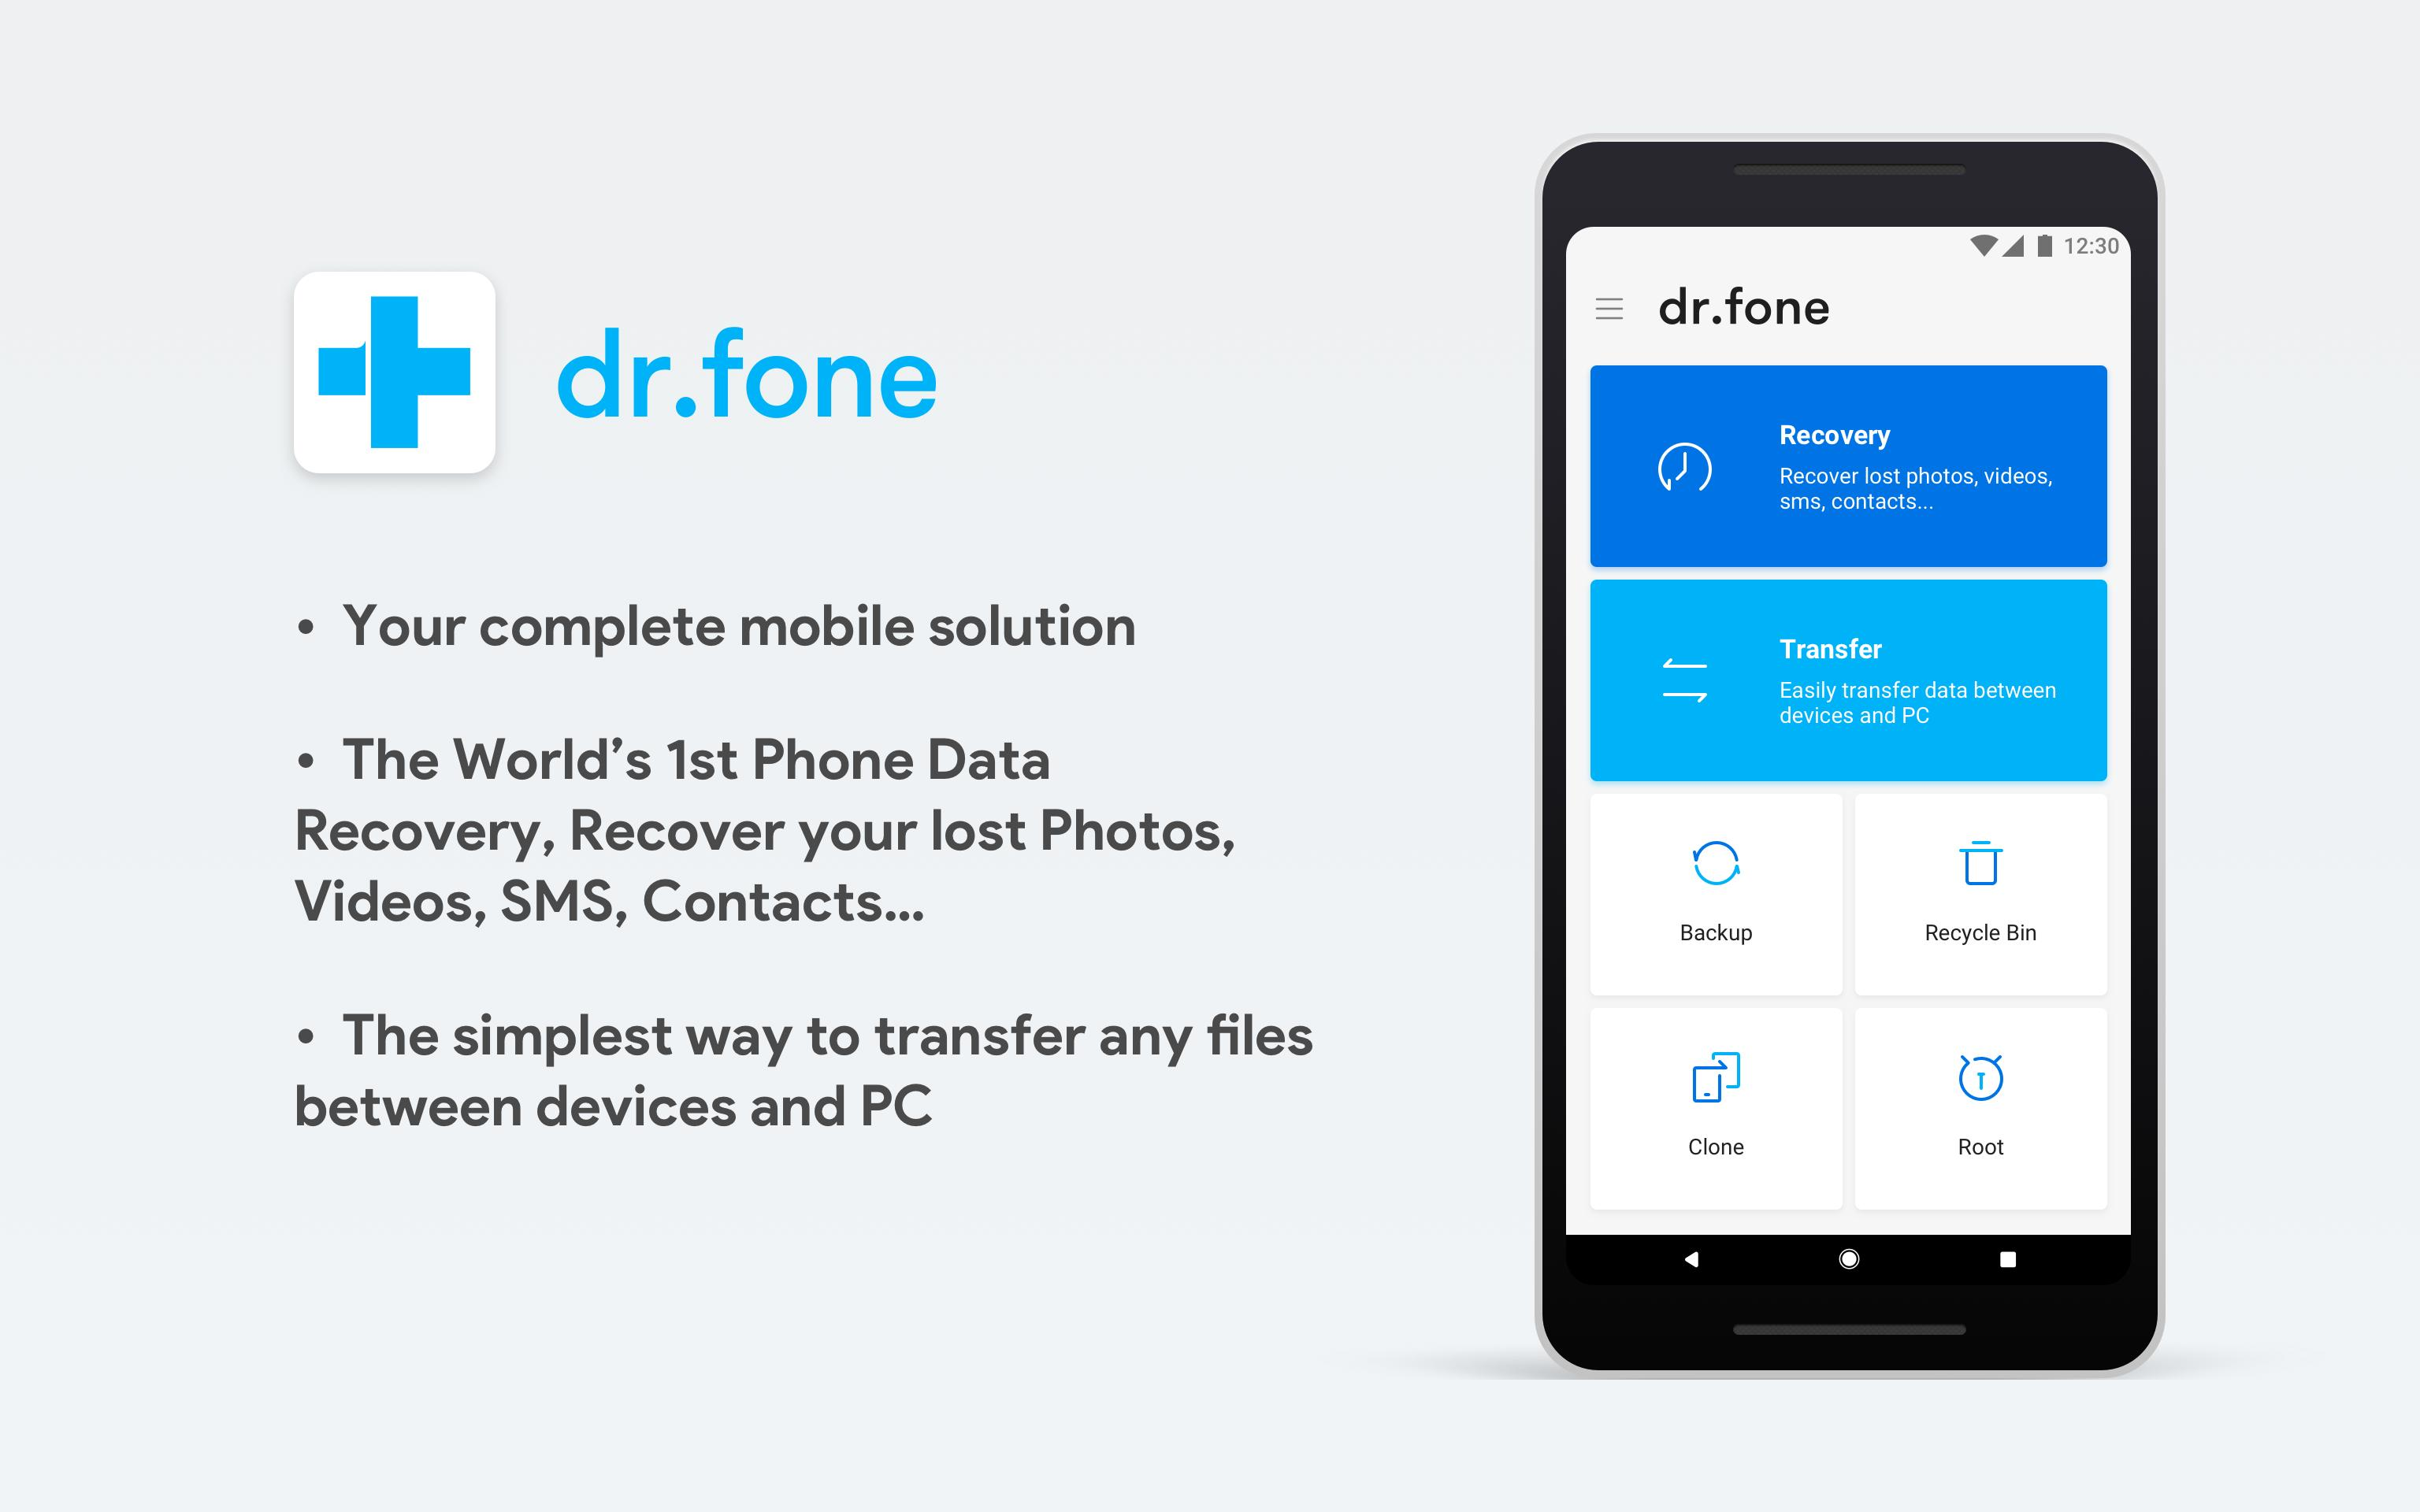 Cách khôi phục dữ liệu trên điện thoại - Ảnh 6.